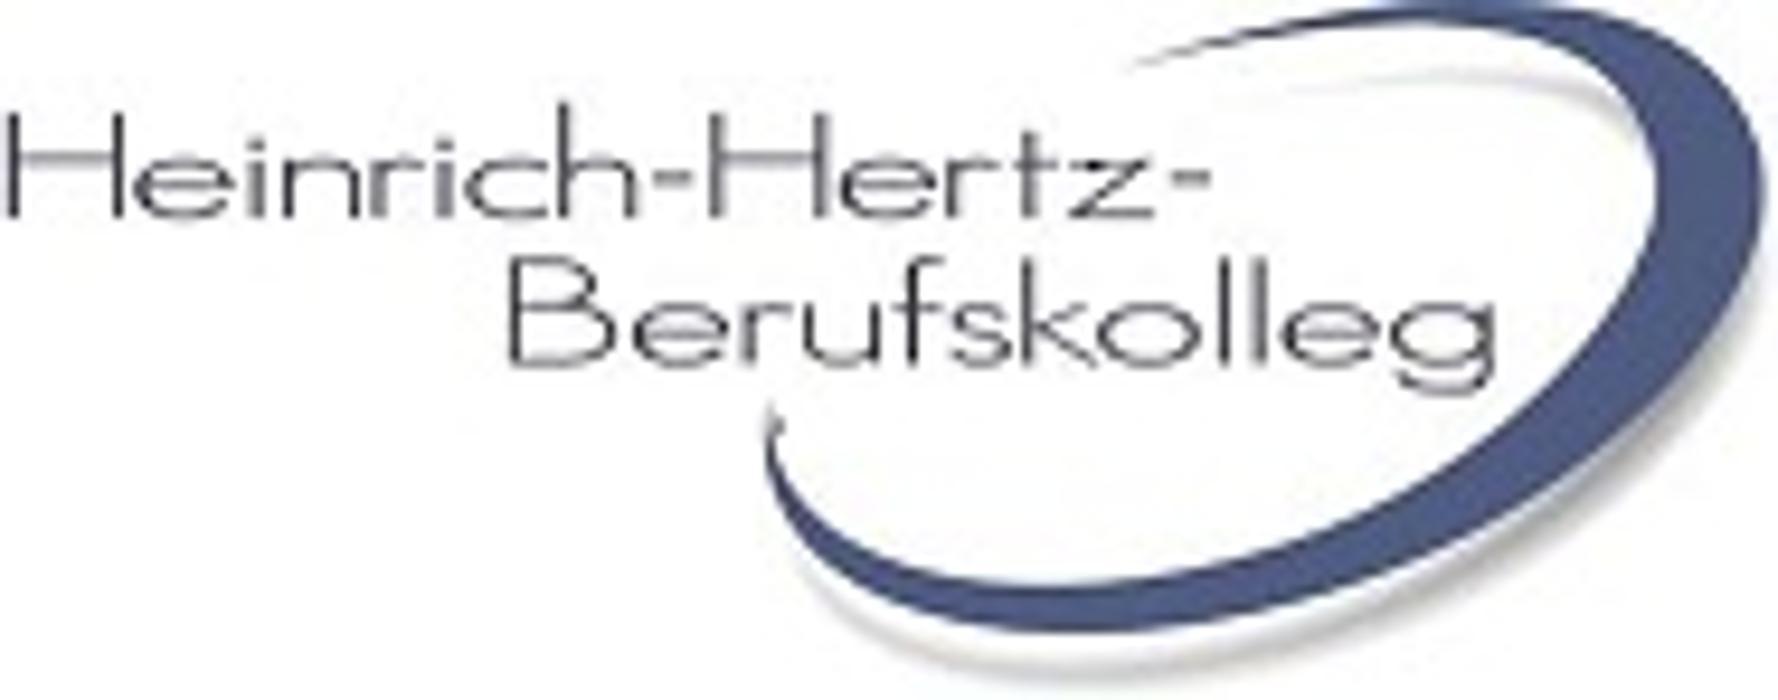 Bild zu Heinrich-Hertz-Berufskolleg Düsseldorf in Düsseldorf